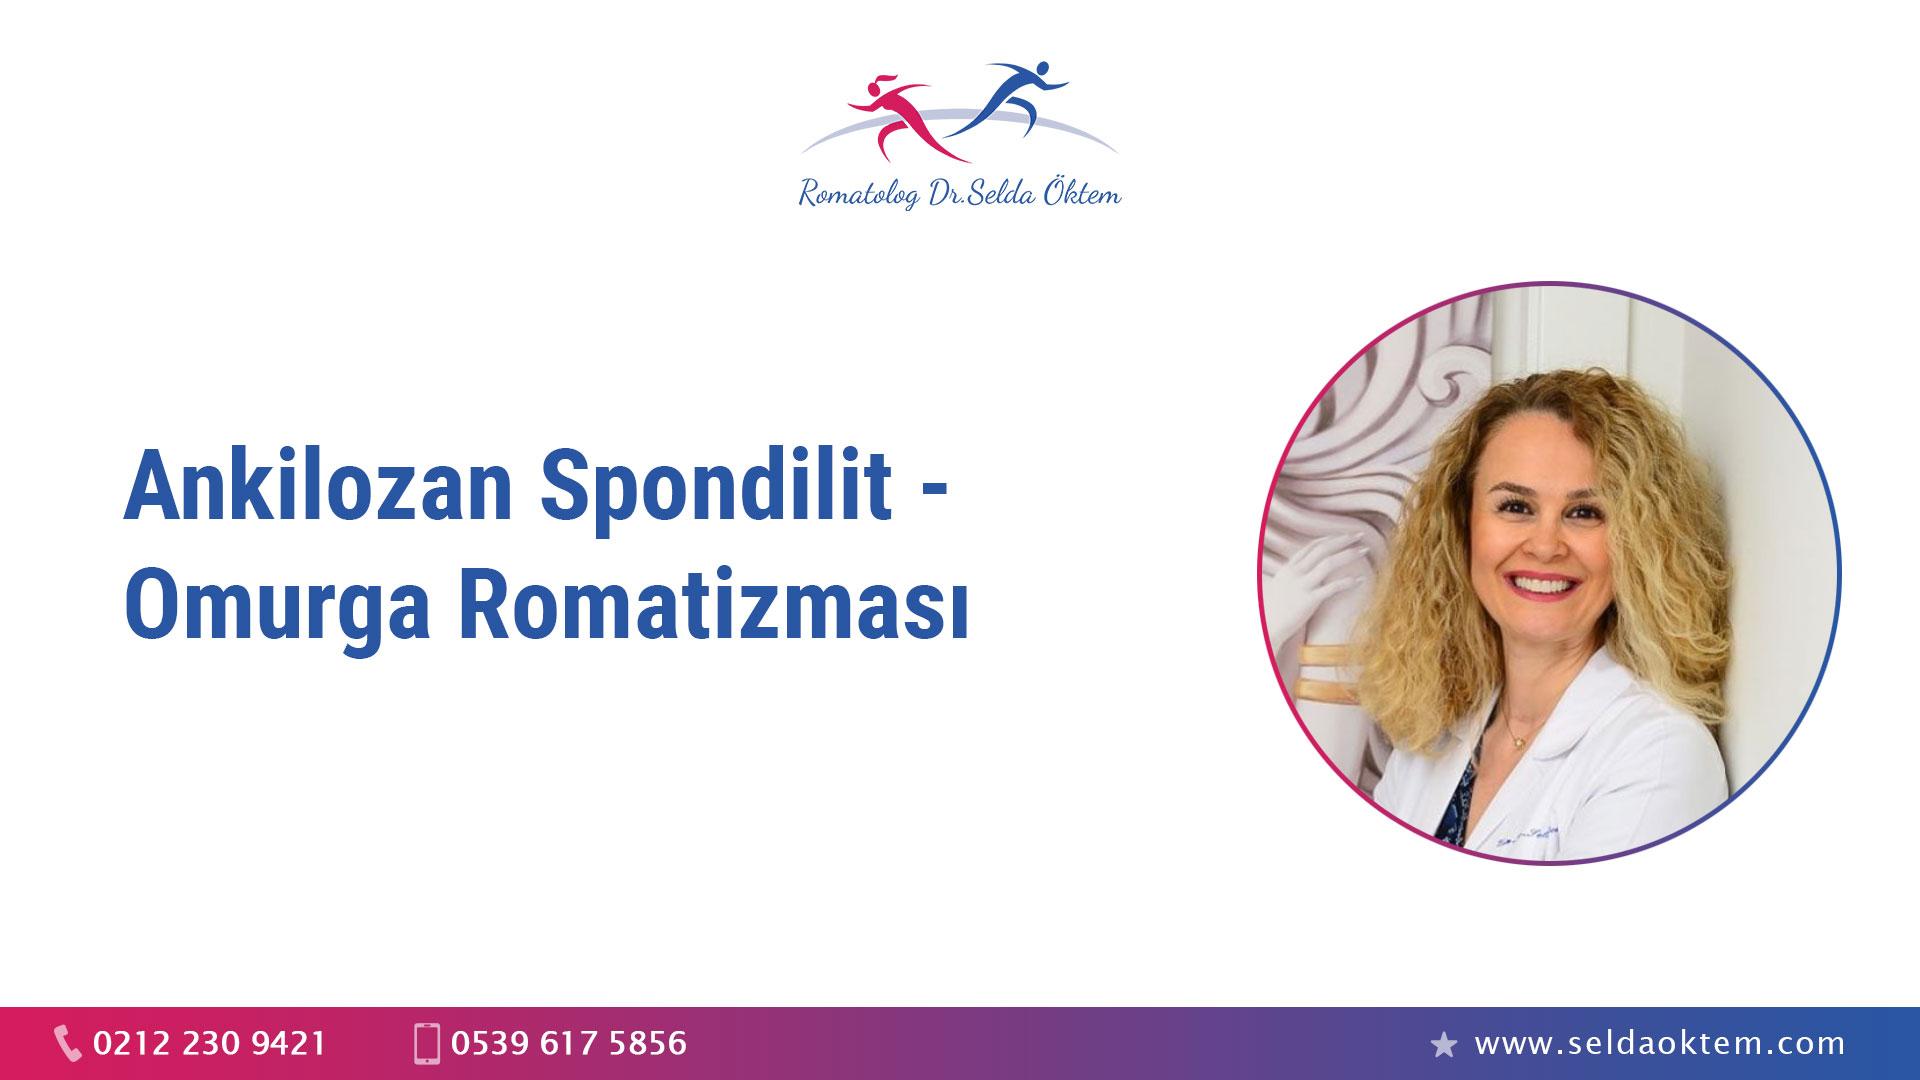 Ankilozan Spondilit - Omurga Romatizması